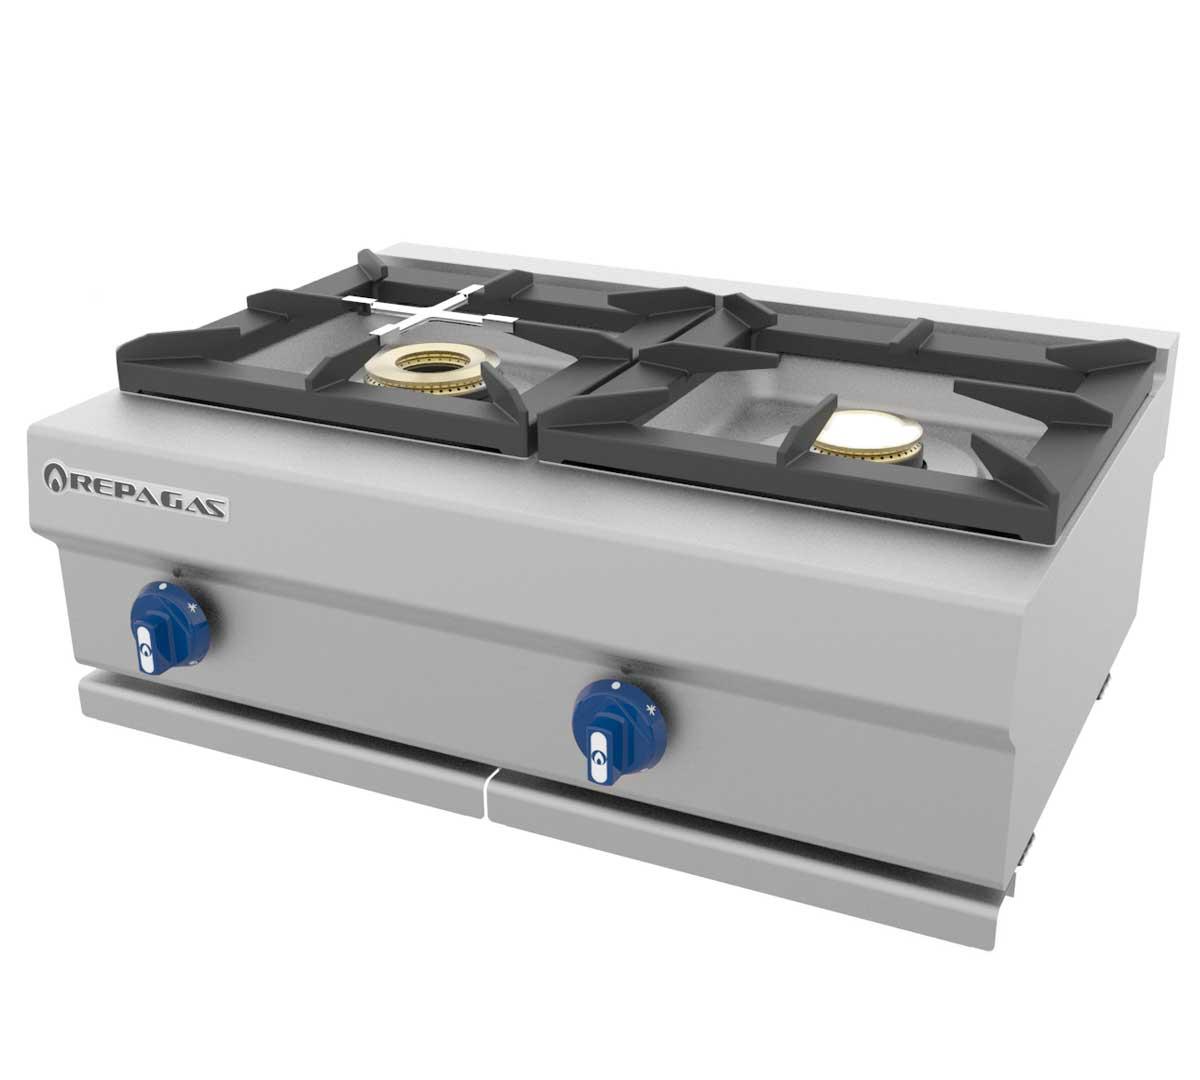 Cocina repagas serie 550 modular - Fogones a gas ...